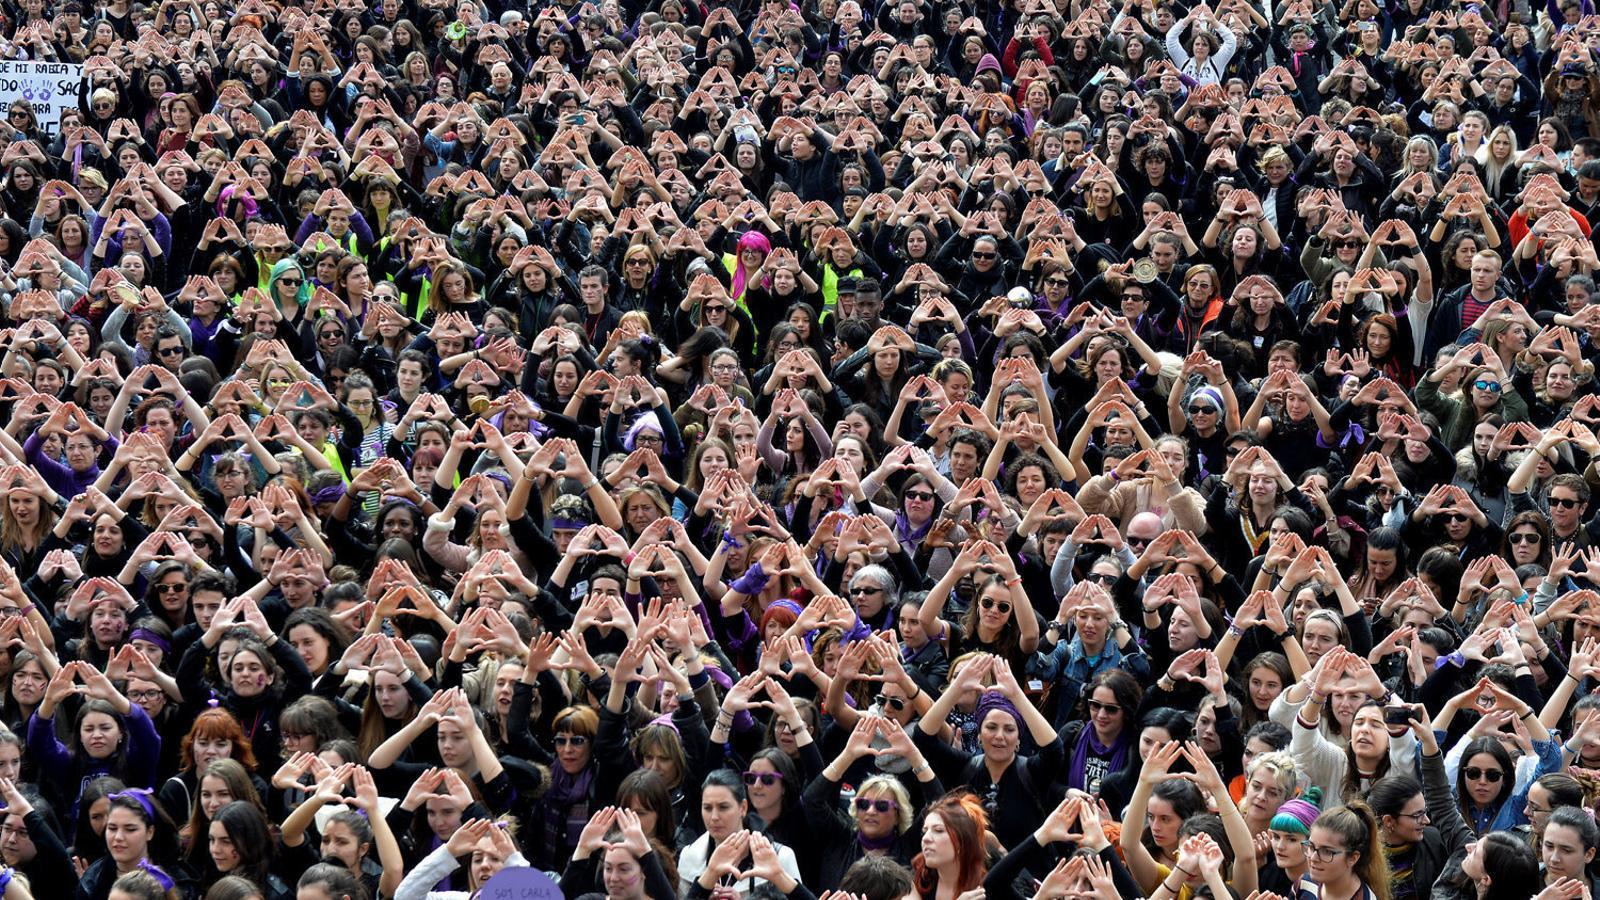 La manifestació a Bilbao va ser una de les més nombroses de tot l'Estat.